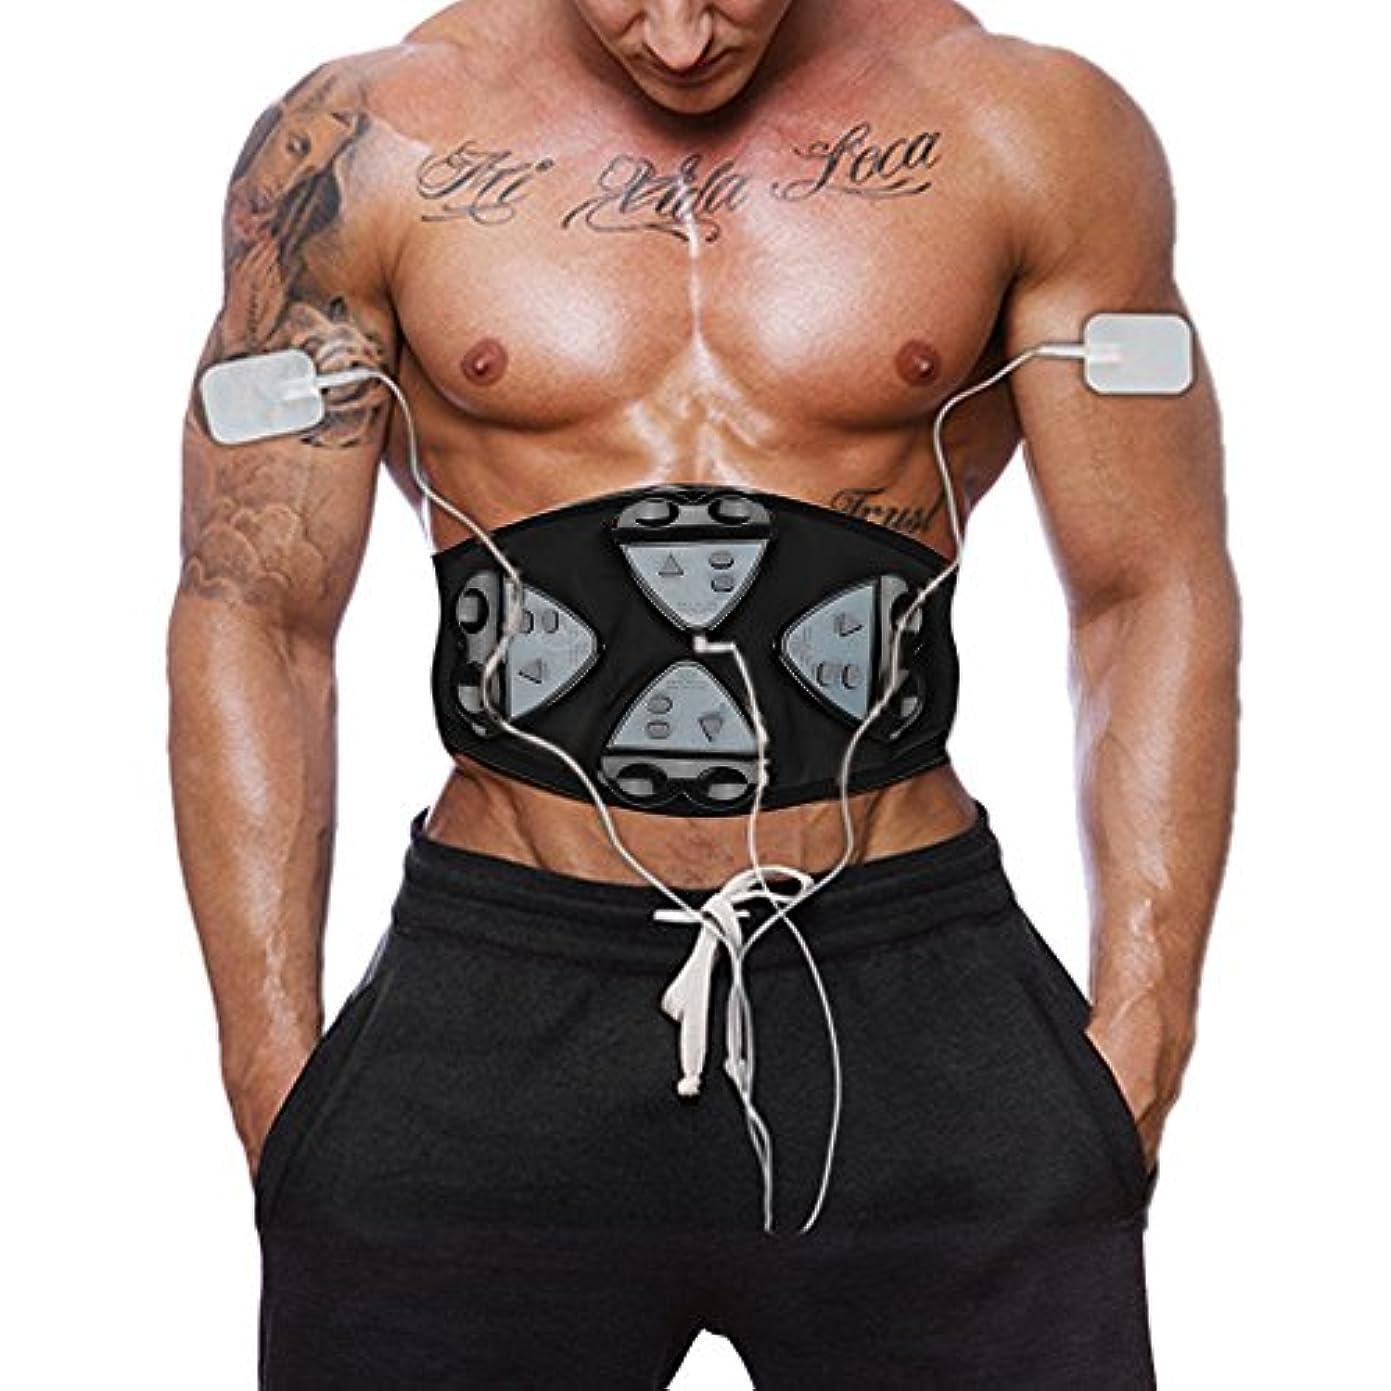 追加するおとこ増加する腹筋ベルトEMS腹筋刺激筋力トレーニング筋力トレーニング腹部トレーニング4コントローラベルト